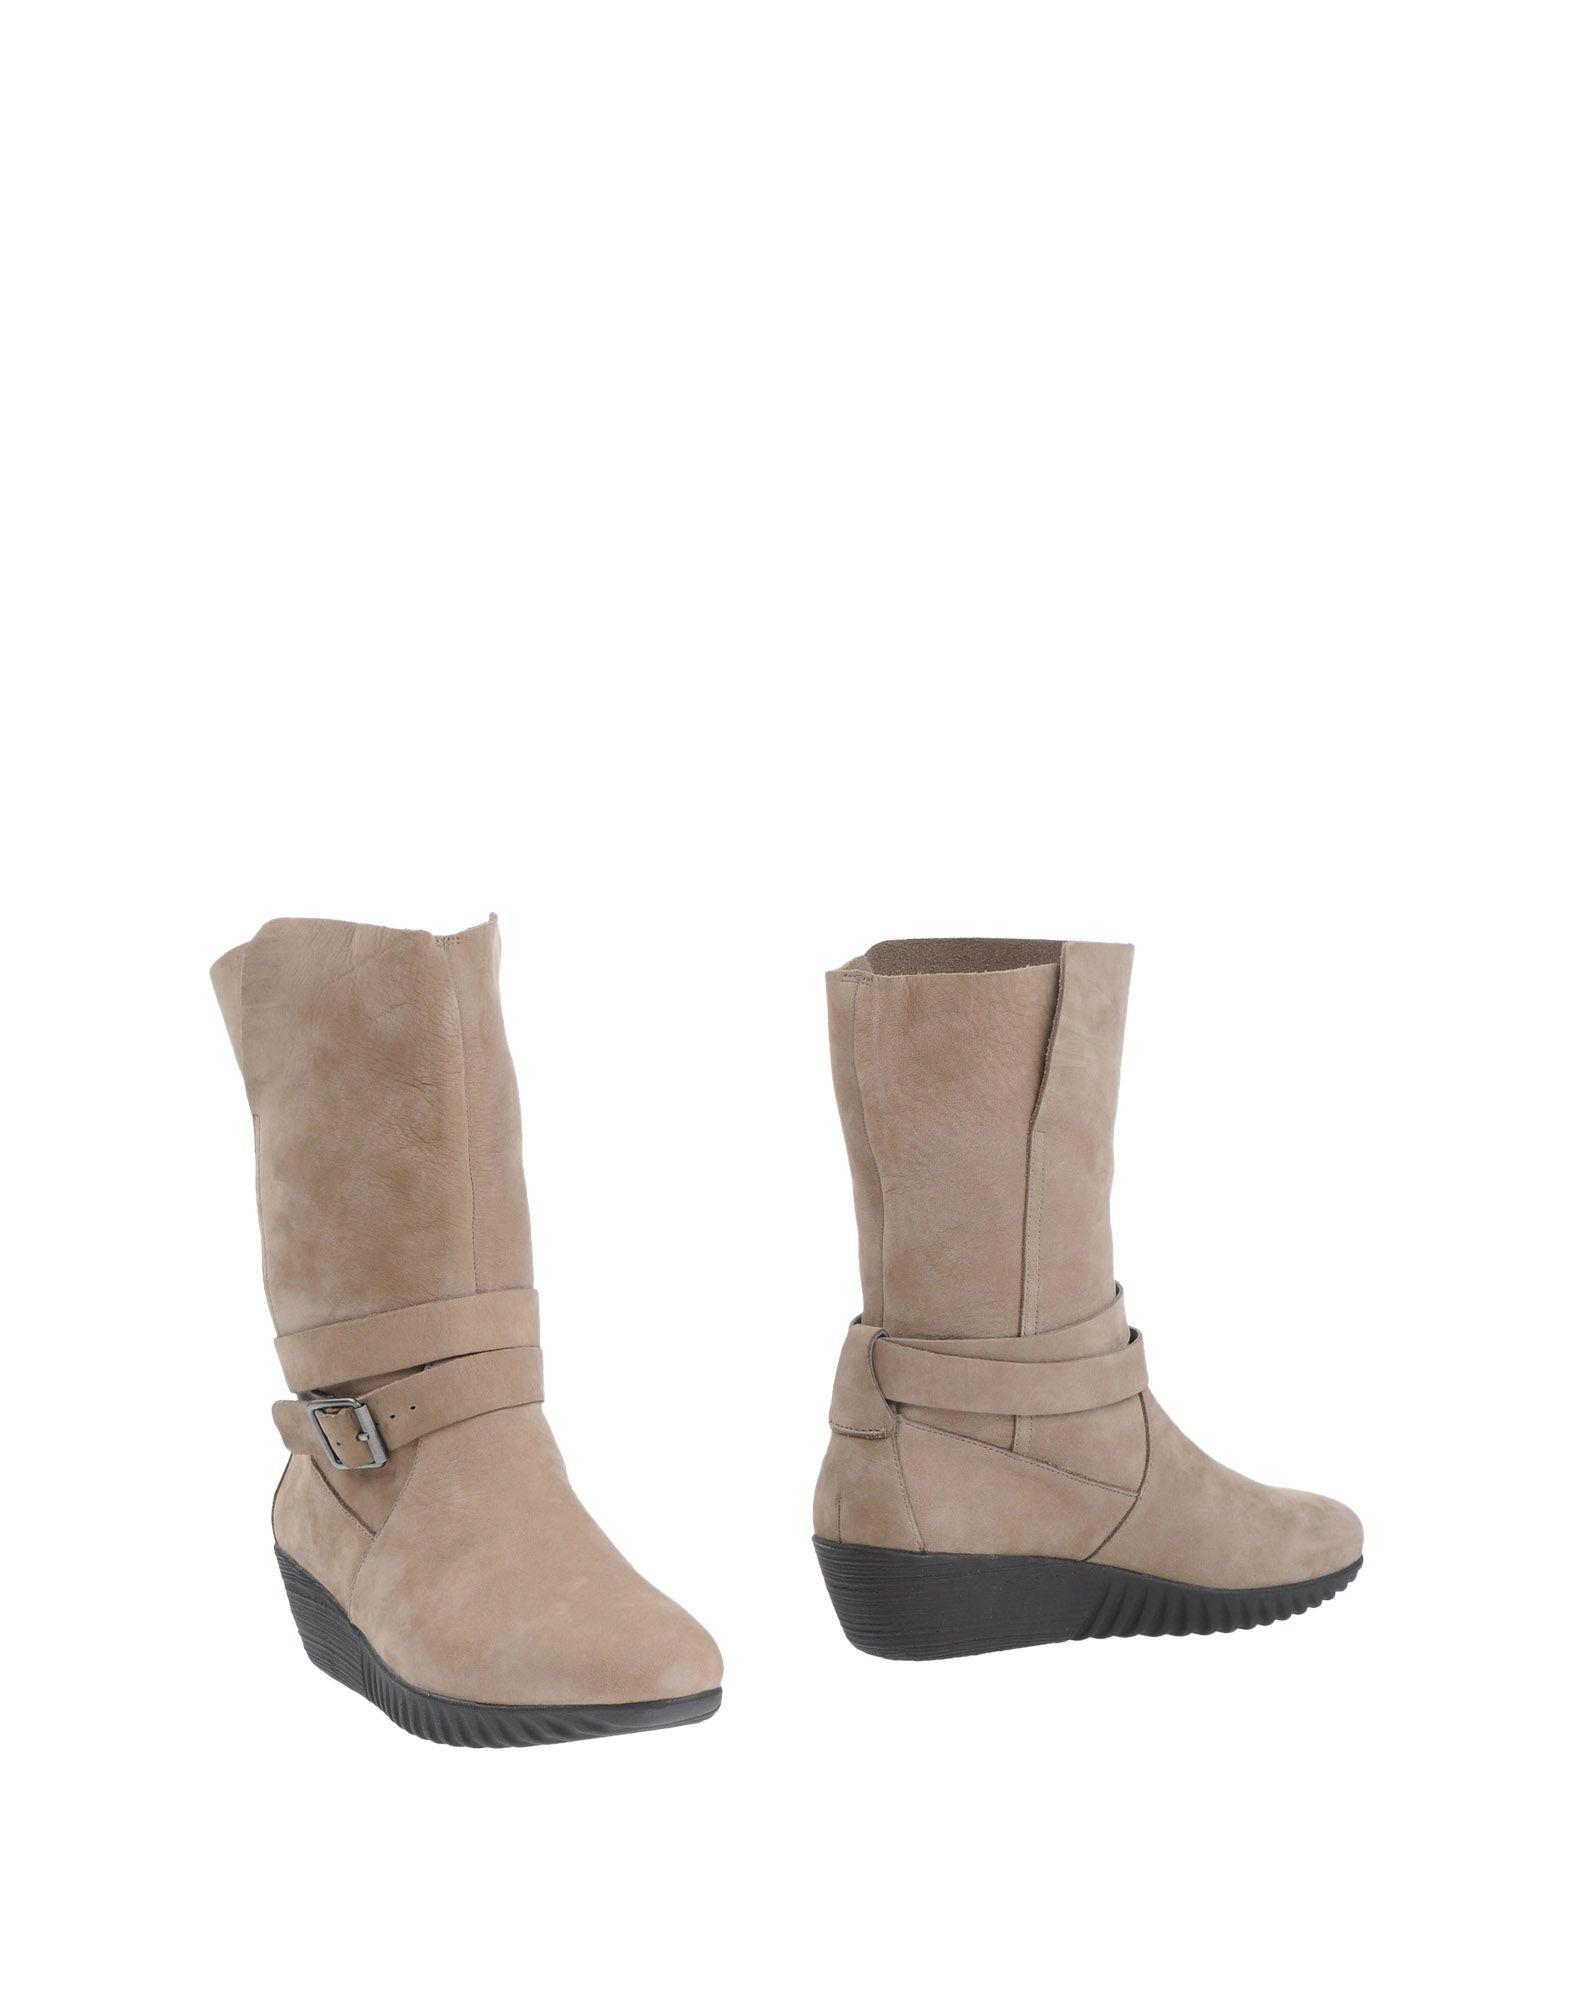 Rockport Stiefelette Damen  11331259BN Gute Qualität beliebte Schuhe Schuhe beliebte 7757a0